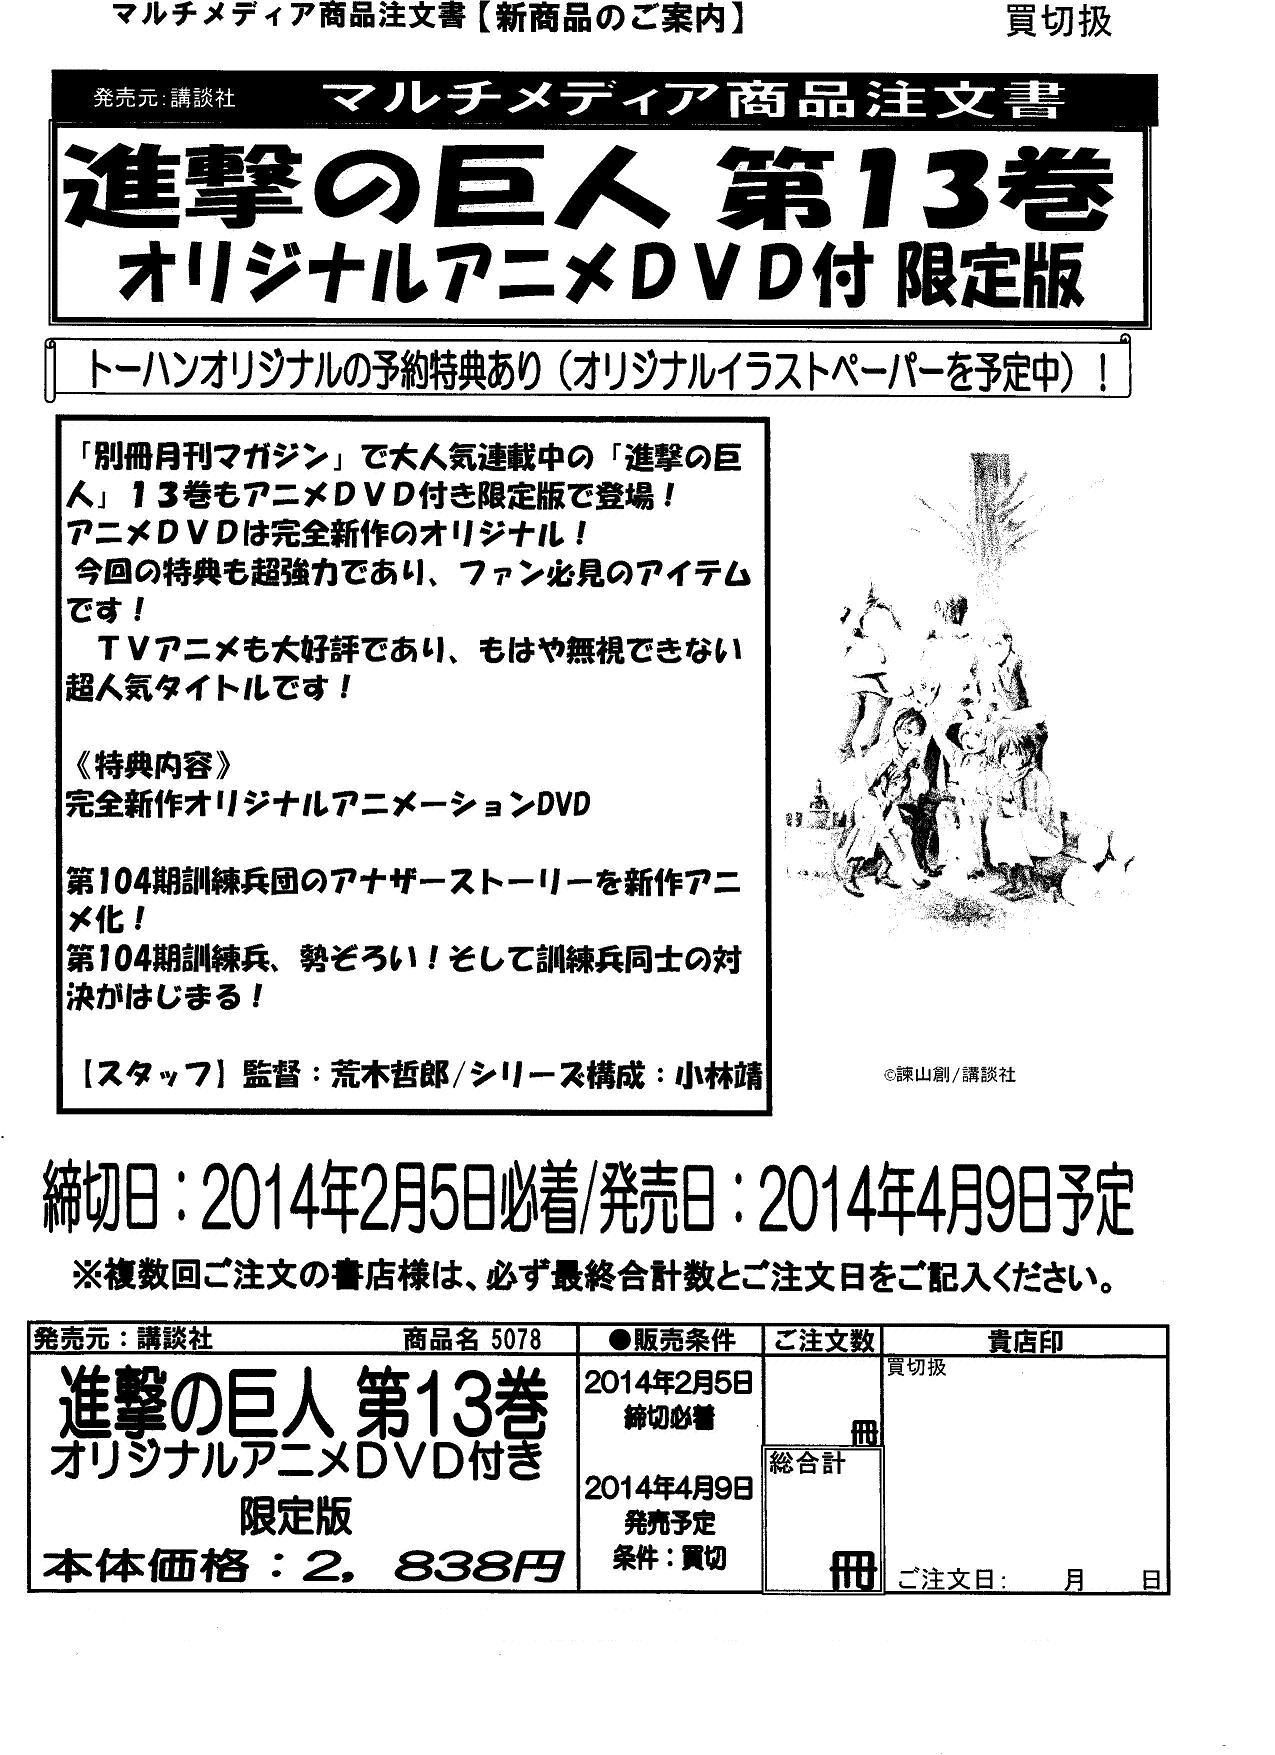 20140120_0.jpg